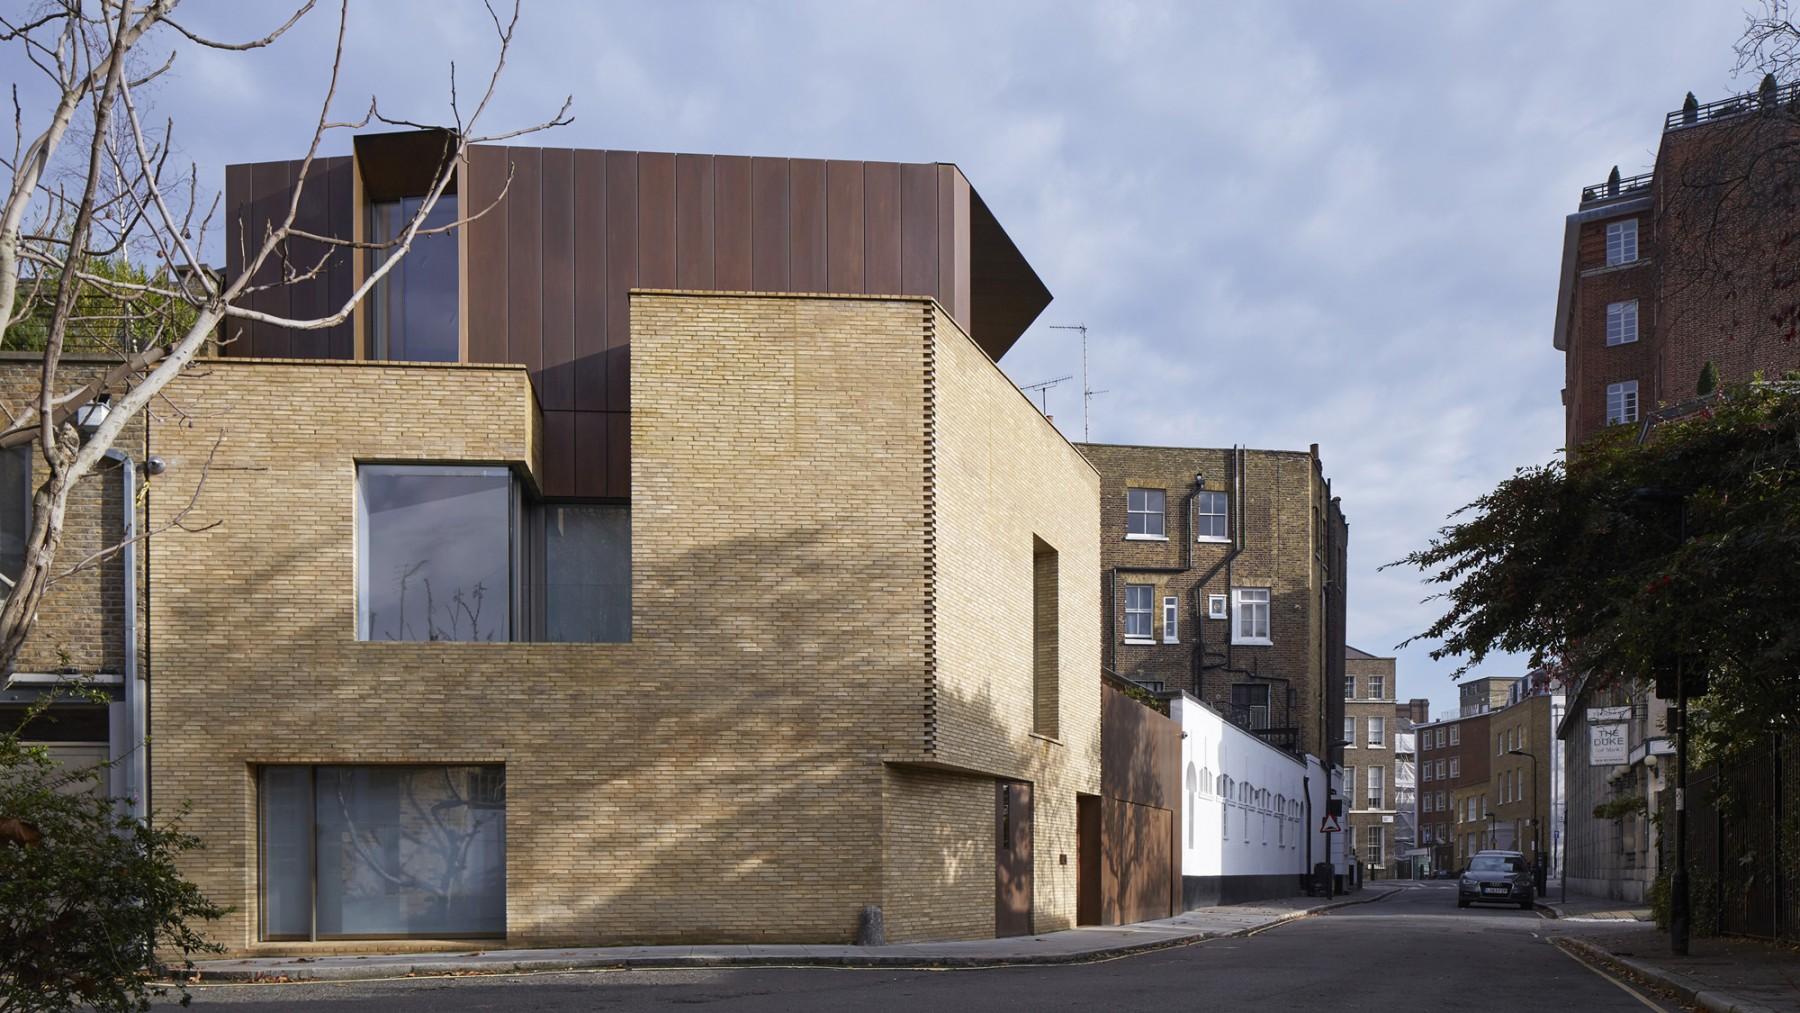 2015-RIBA-London-Awards- Levring-House- residential-architectural-award-winner- Jamie-Fobert- Dennis-Gilbert